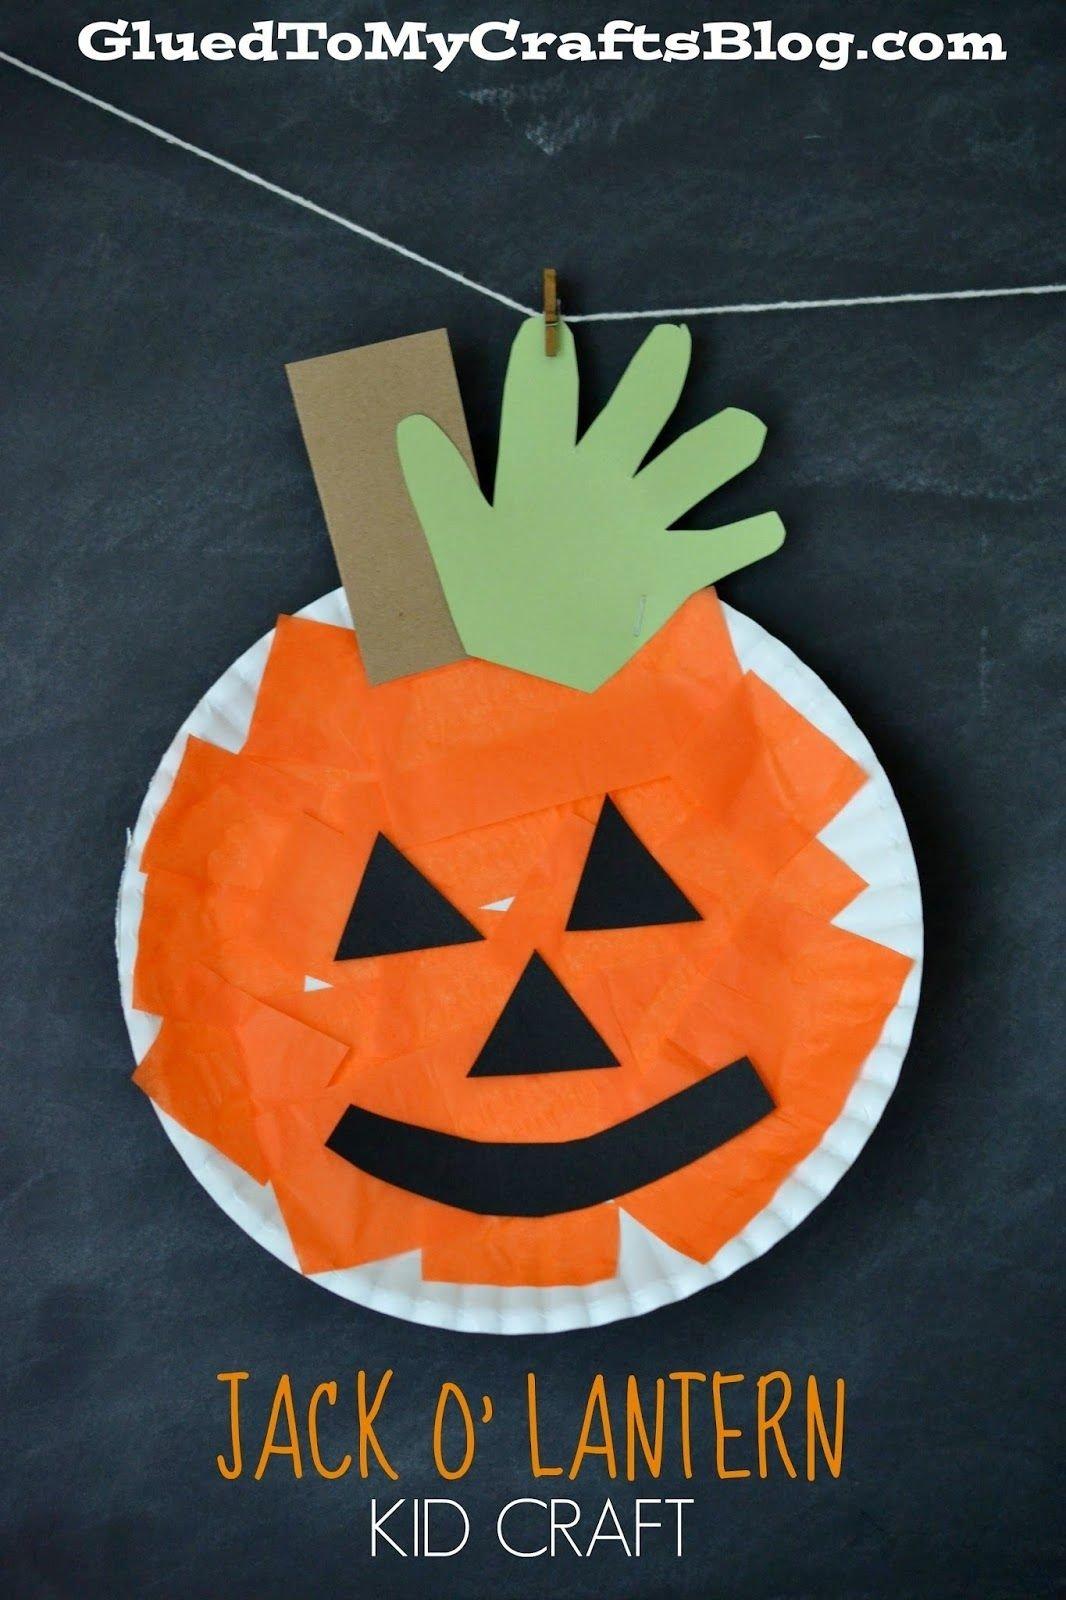 10 Elegant Halloween Craft Ideas For Preschoolers paper plate pumpkin kid craft craft activities and school 2021